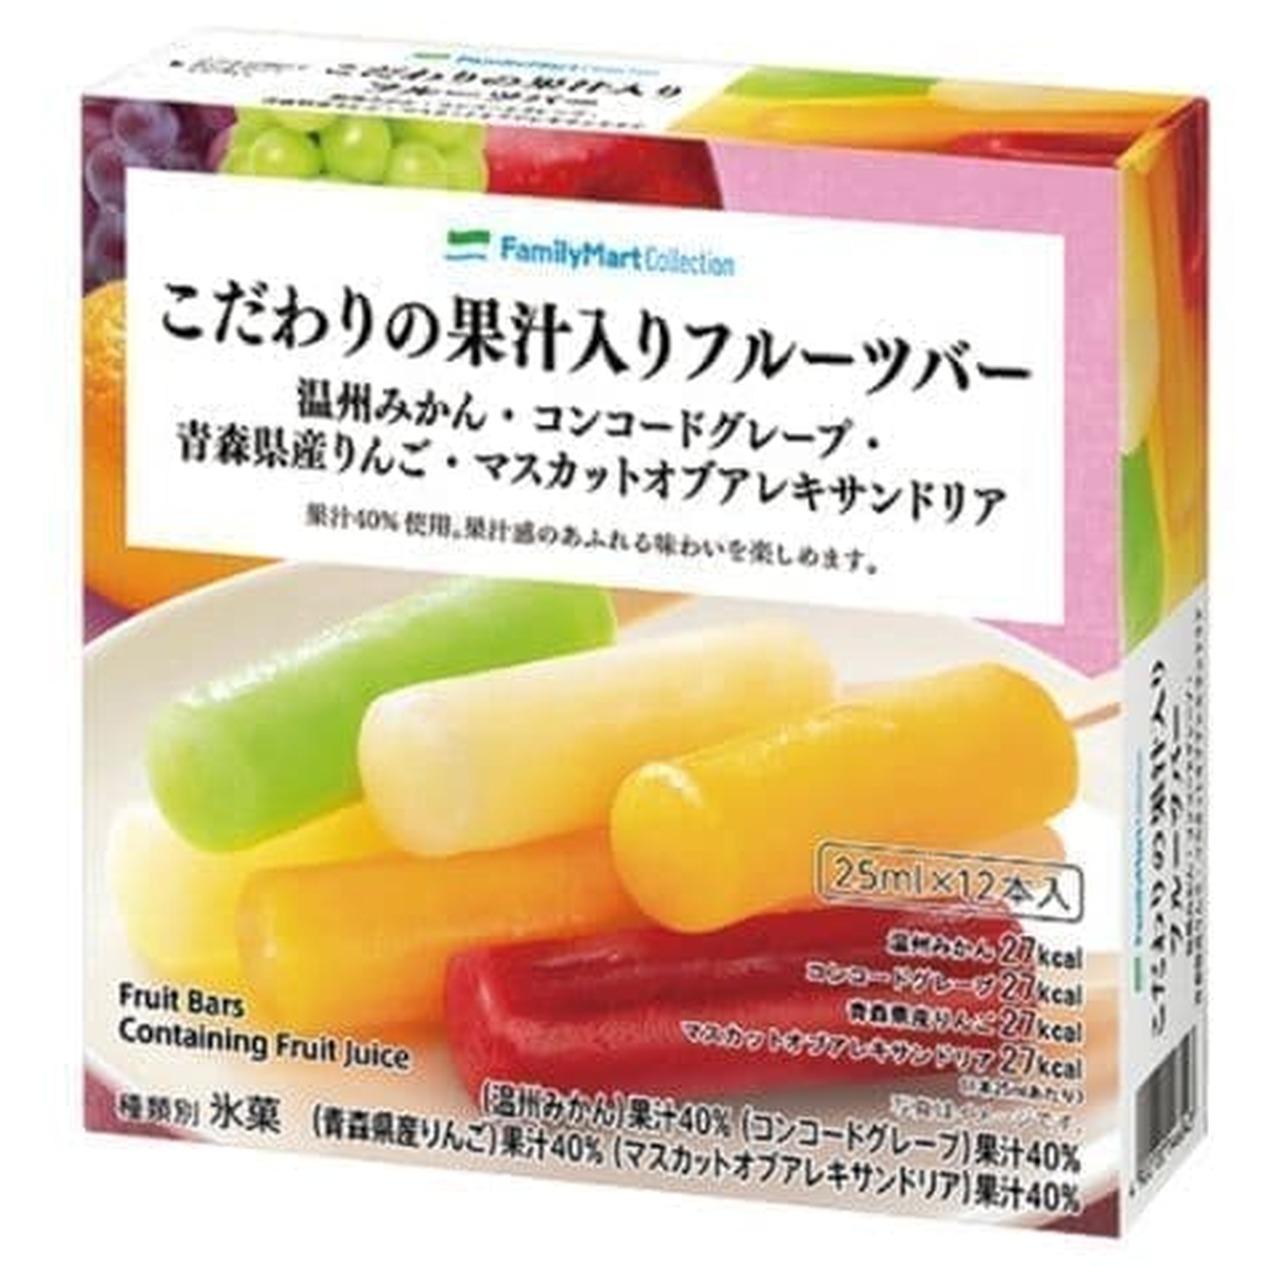 ファミリーマート「こだわりの果汁入りフルーツバー 12本入」